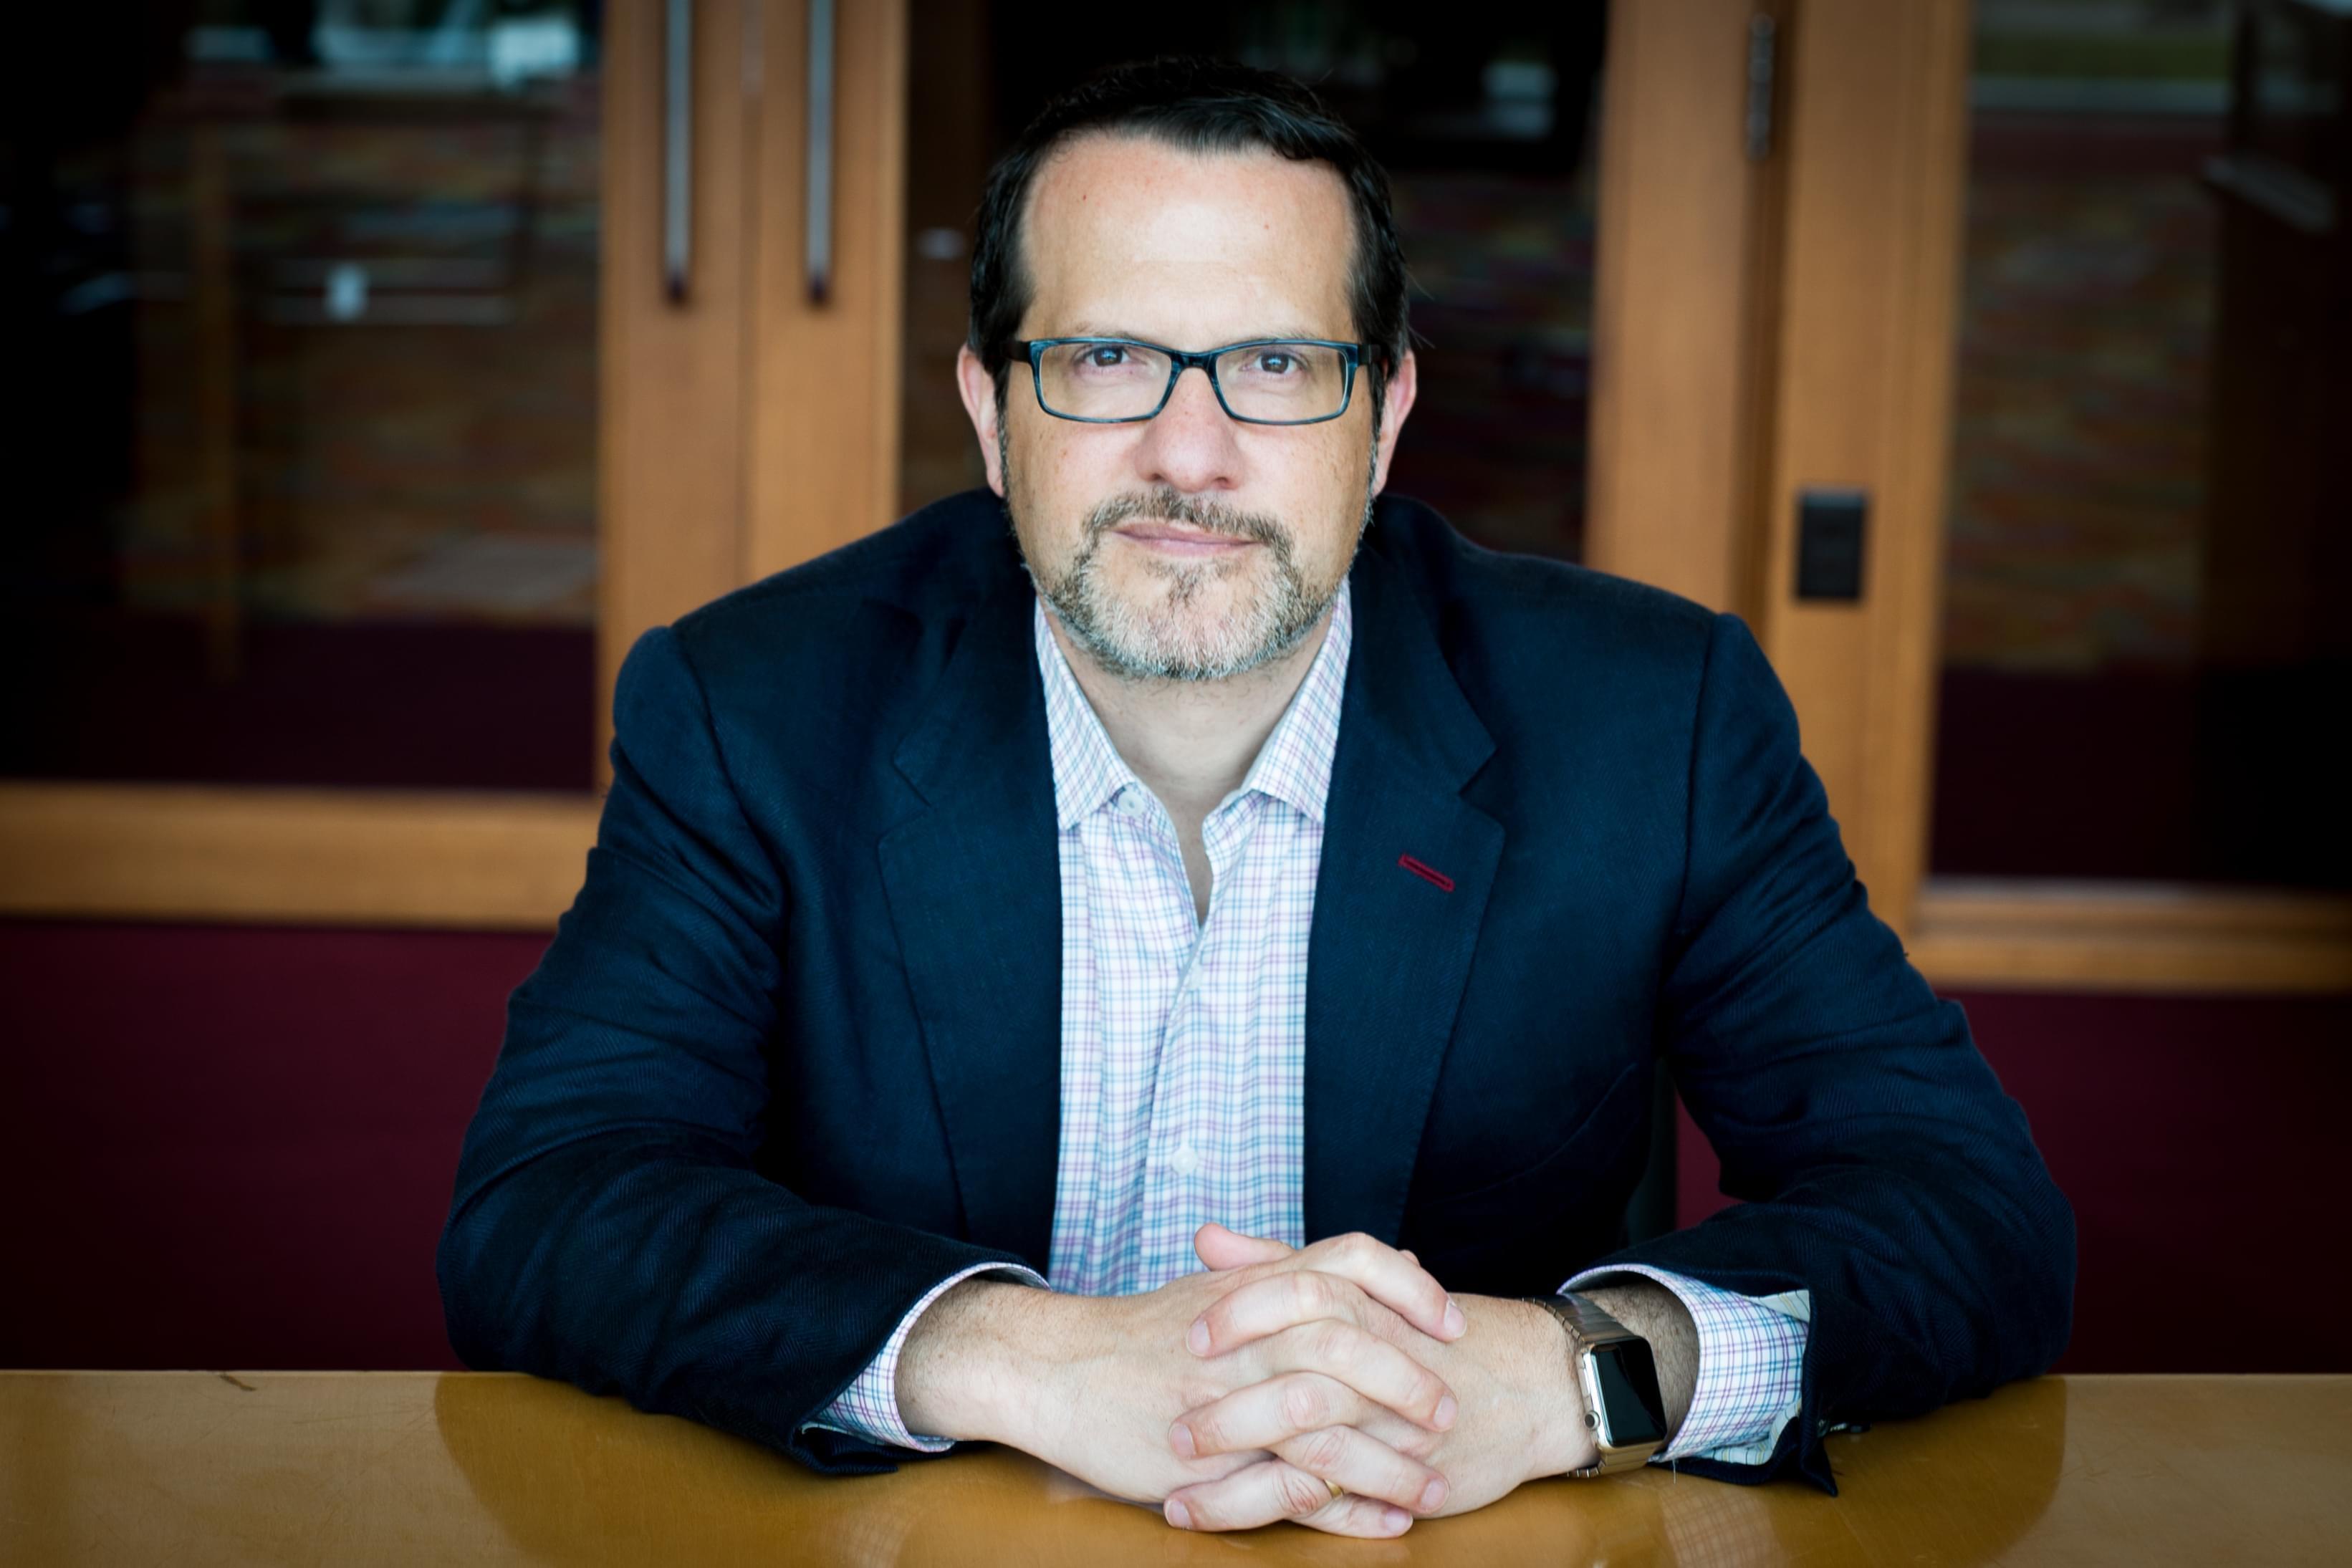 Author Dr. Aaron Carroll